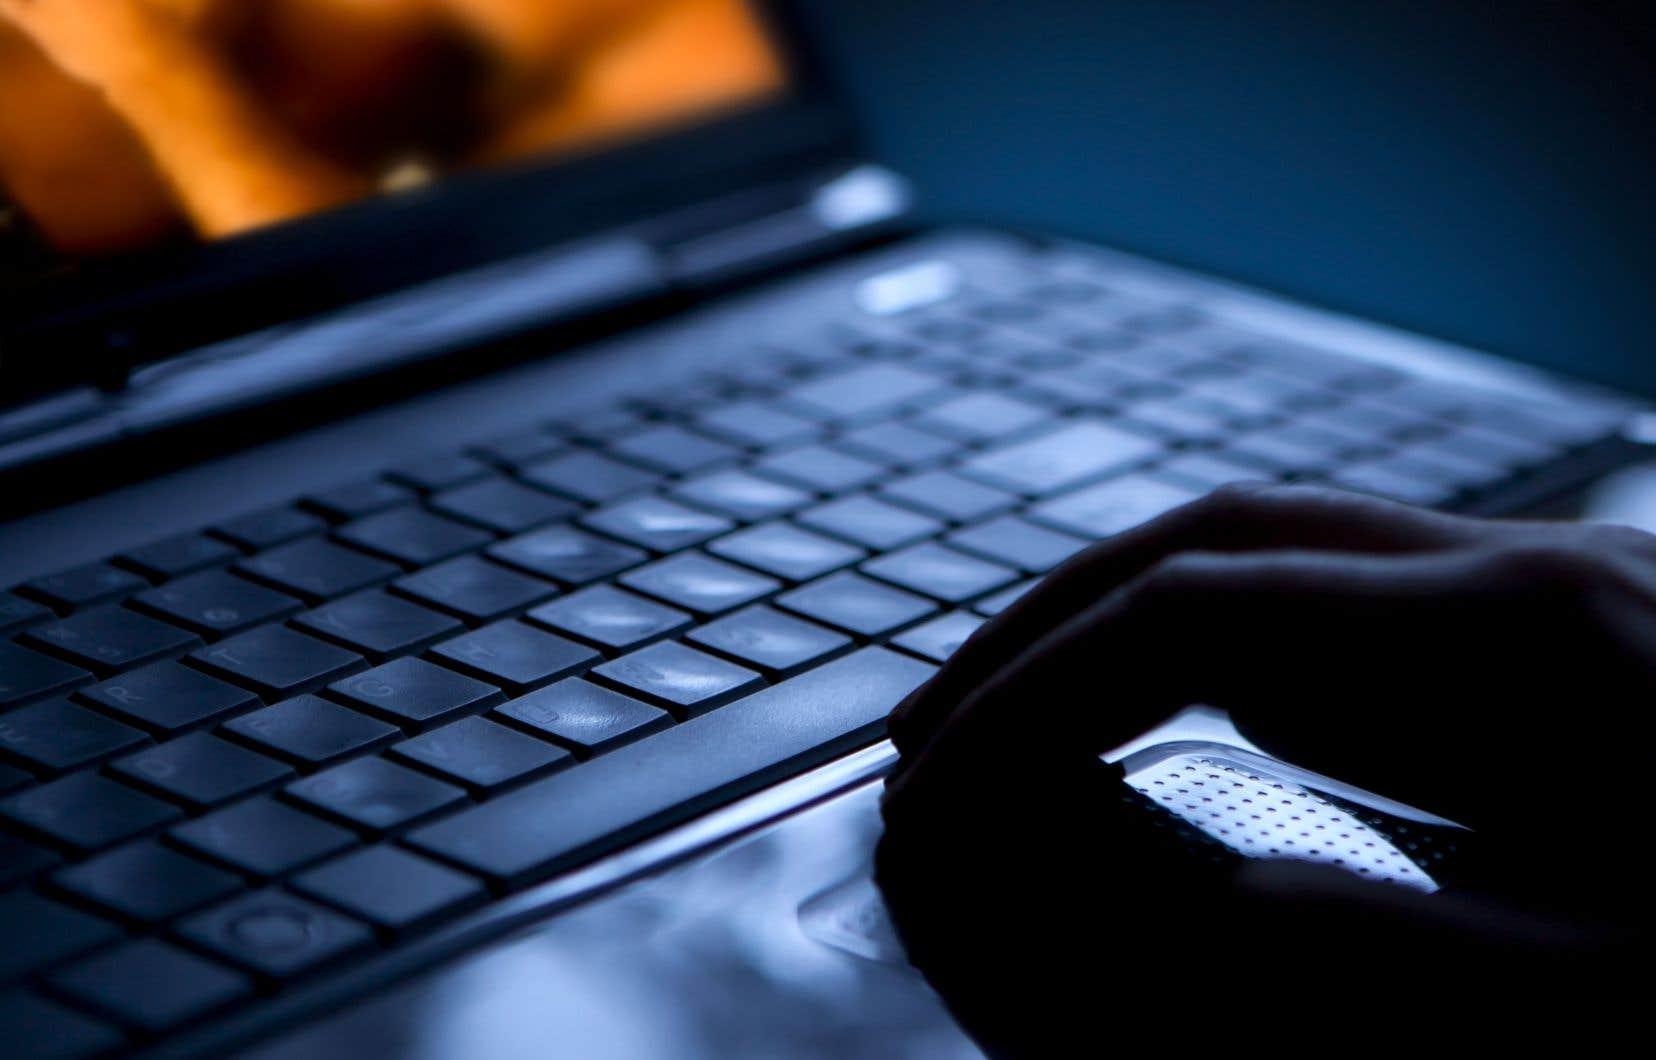 Le logiciel permettrait à un agent de la GRC de recueillir rapidement des données sur les activités d'une personne en ligne.